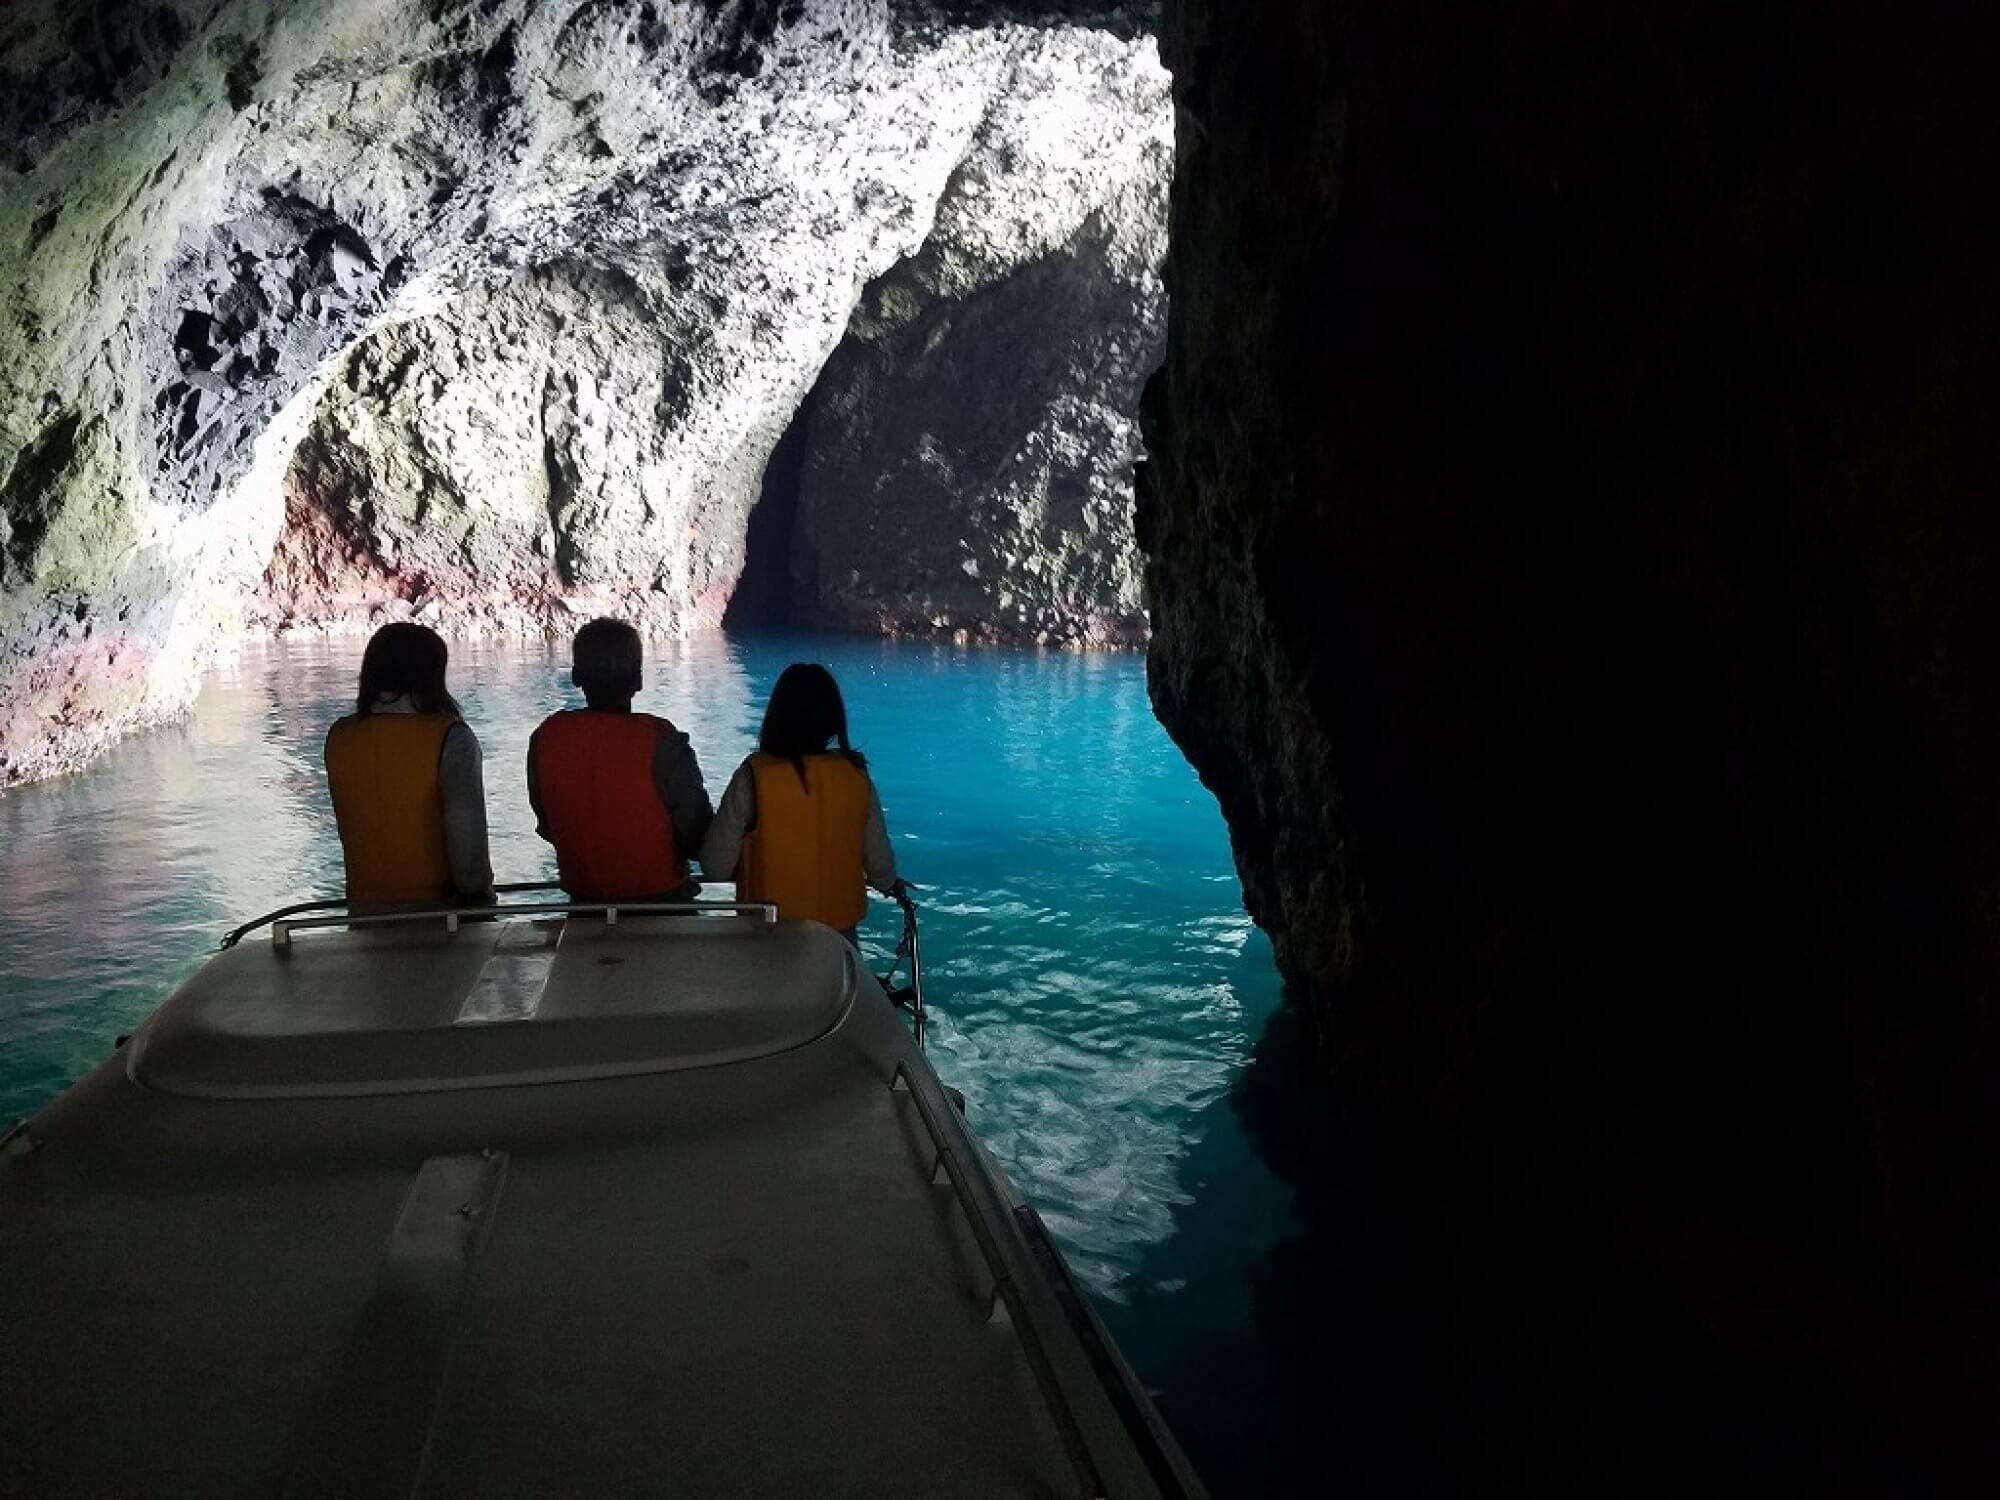 小樽青の洞窟 ボートクルーズ kanehidemarine